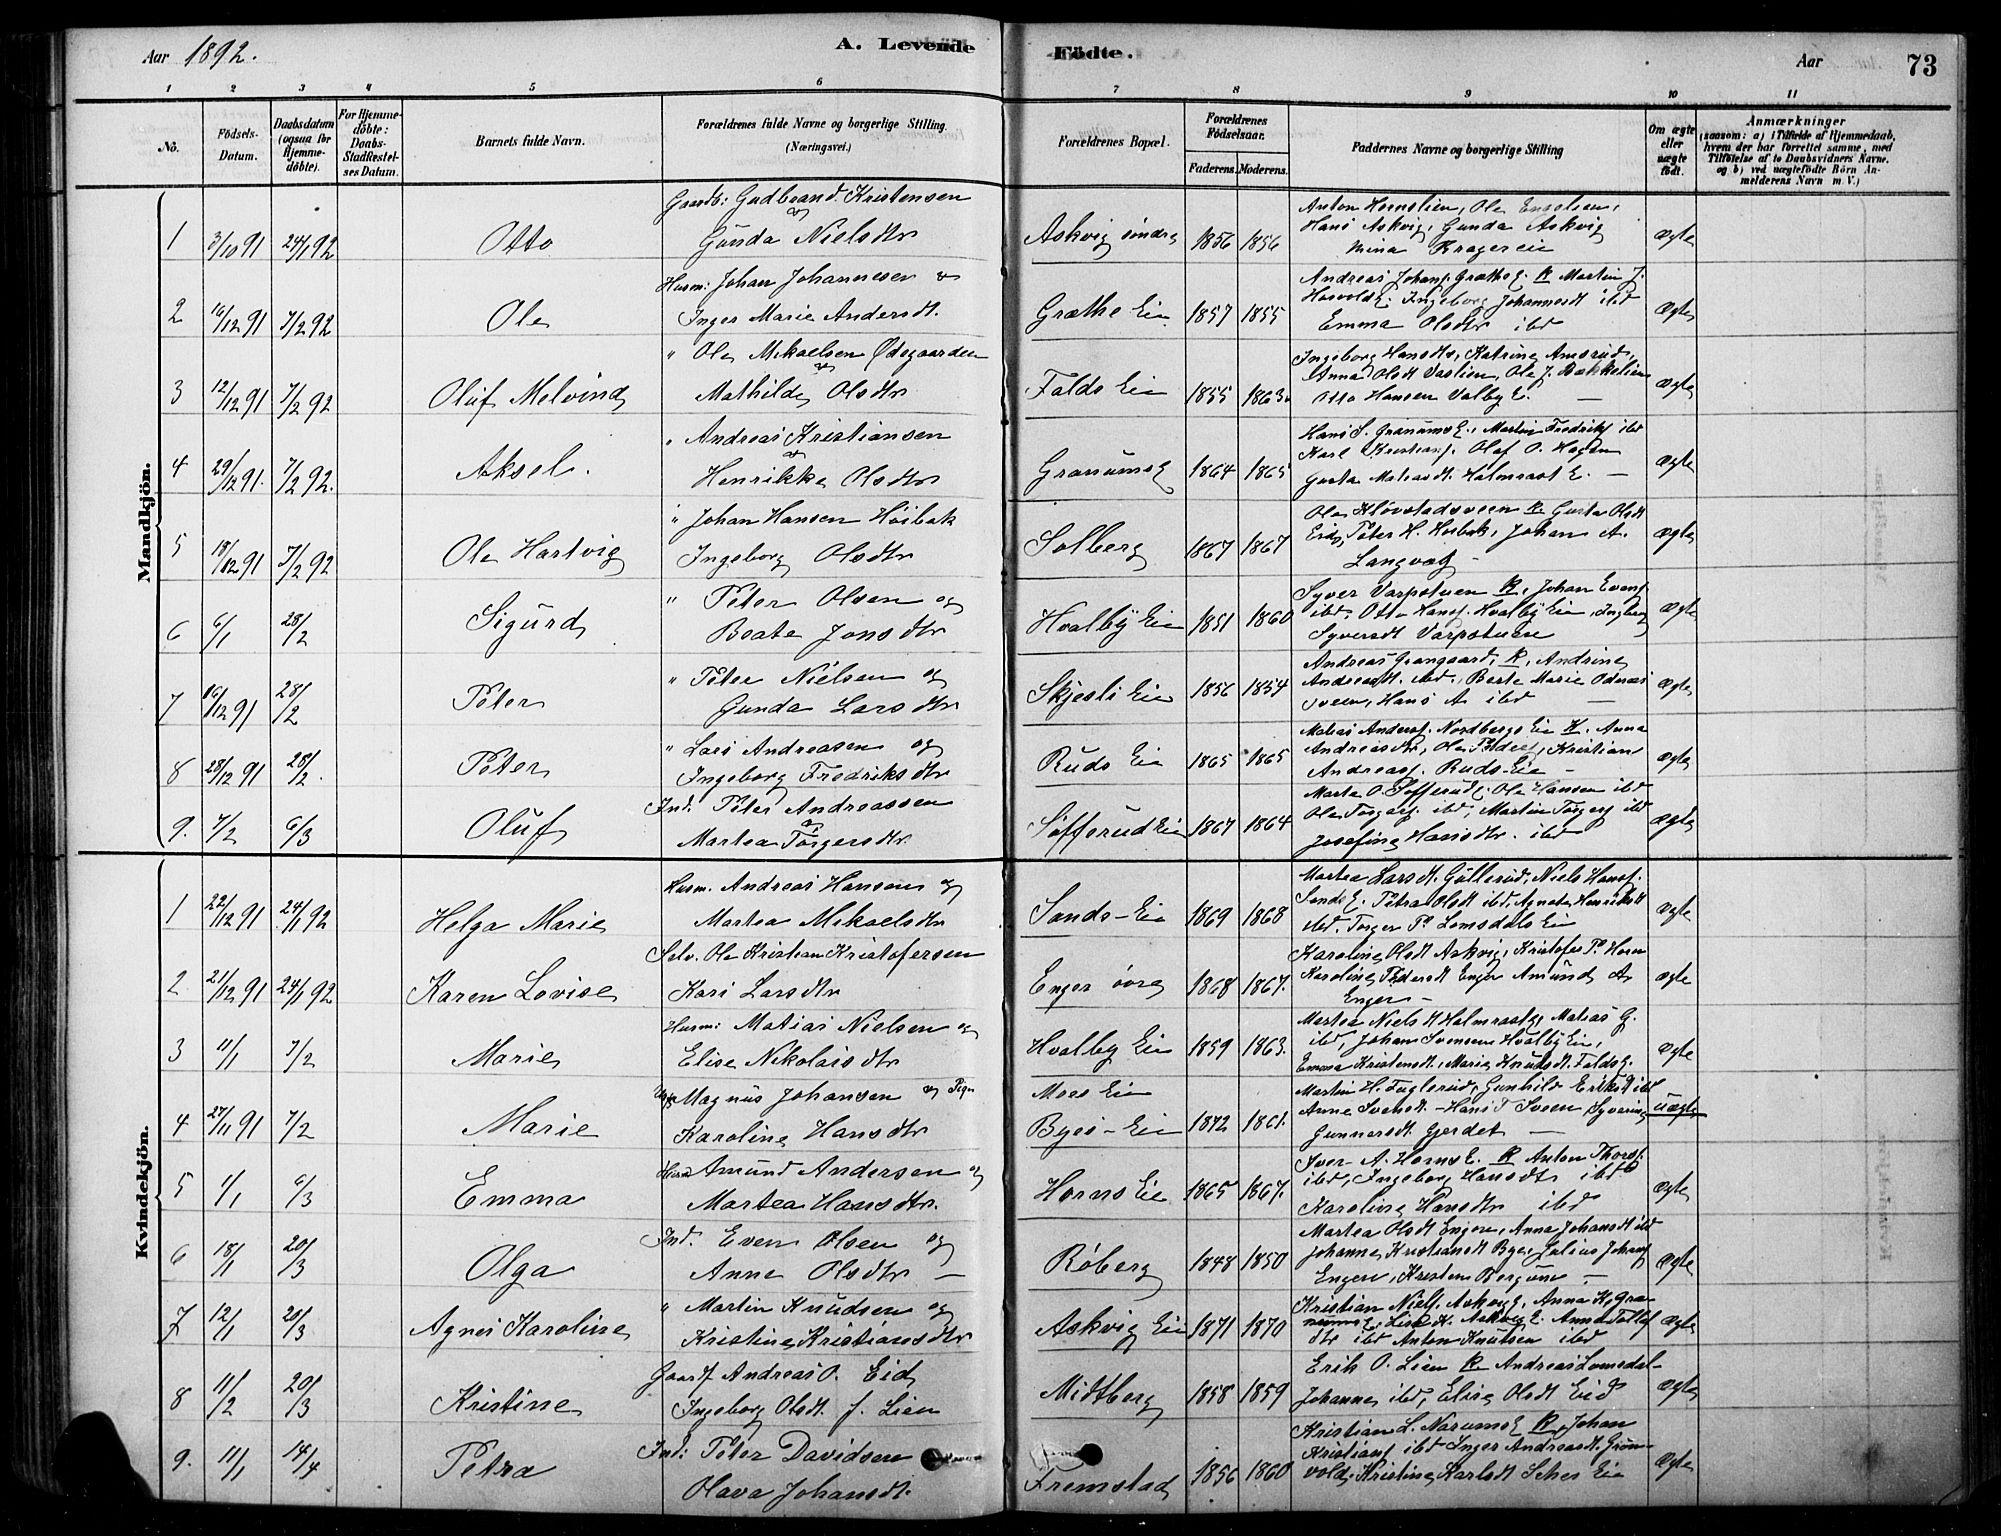 SAH, Søndre Land prestekontor, K/L0003: Ministerialbok nr. 3, 1878-1894, s. 73